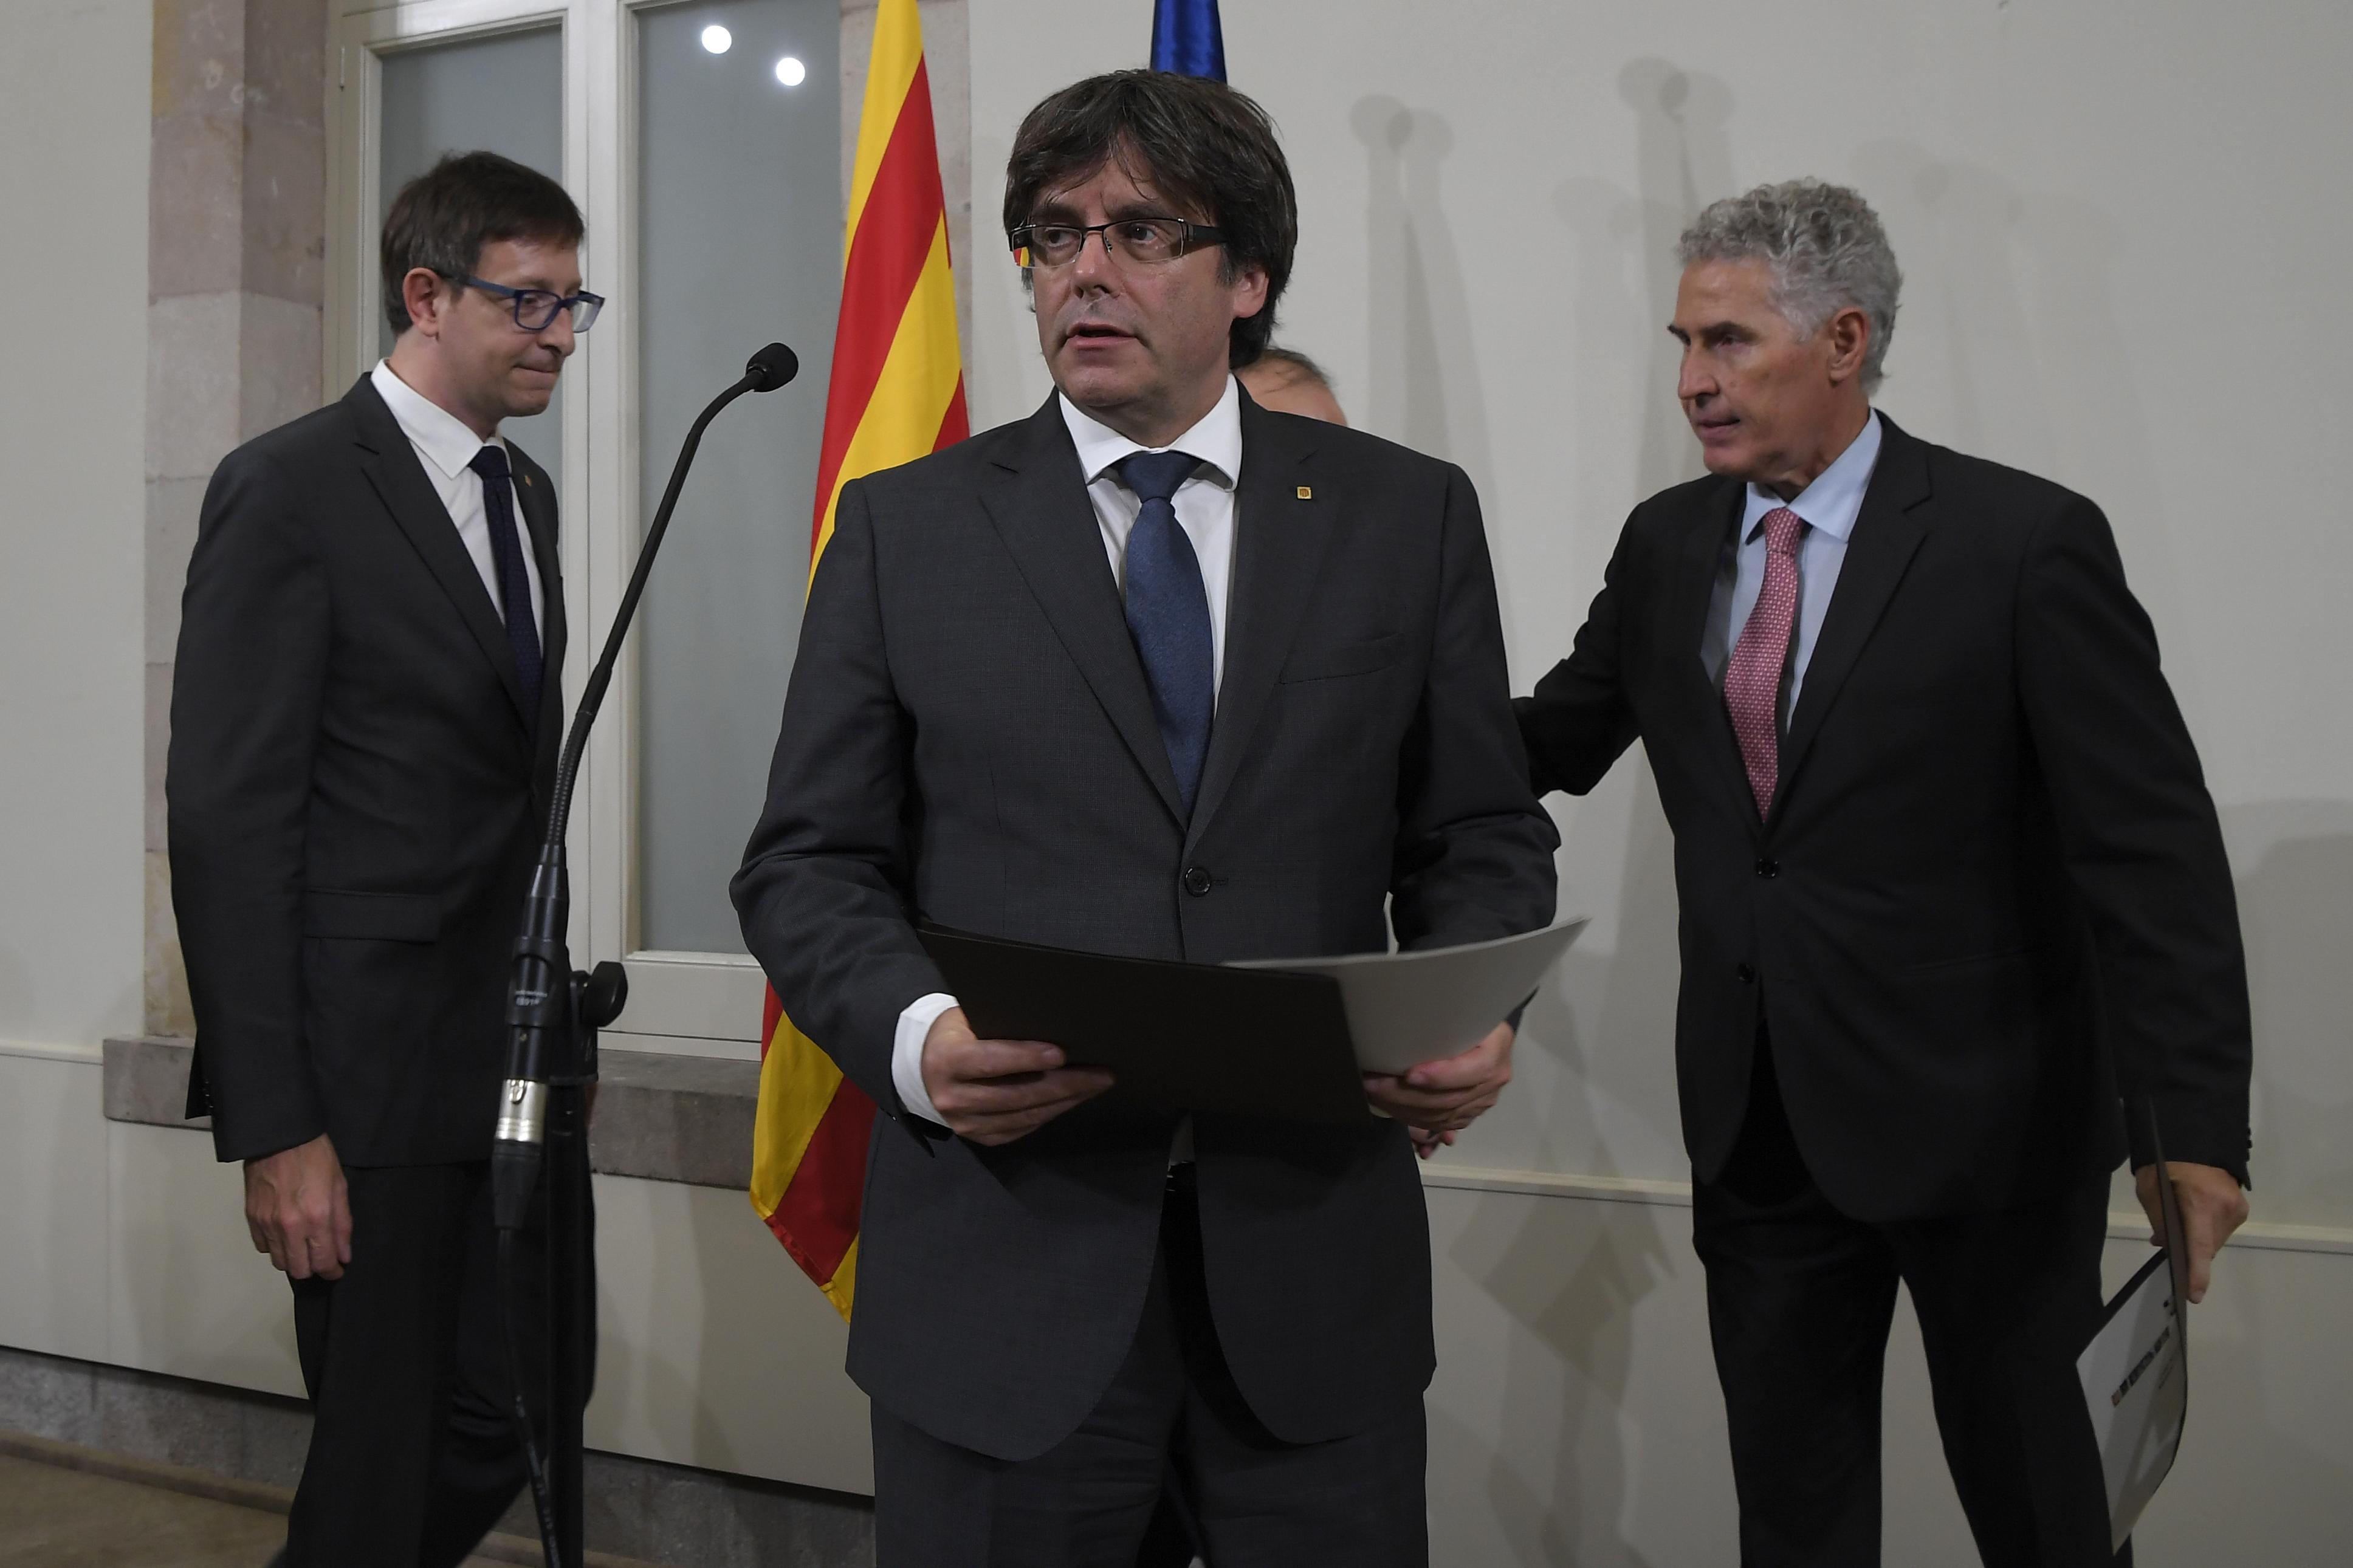 कतालोनिया की प्रादेशिक सरकार के प्रमुख कार्लेस पुजेमोंत